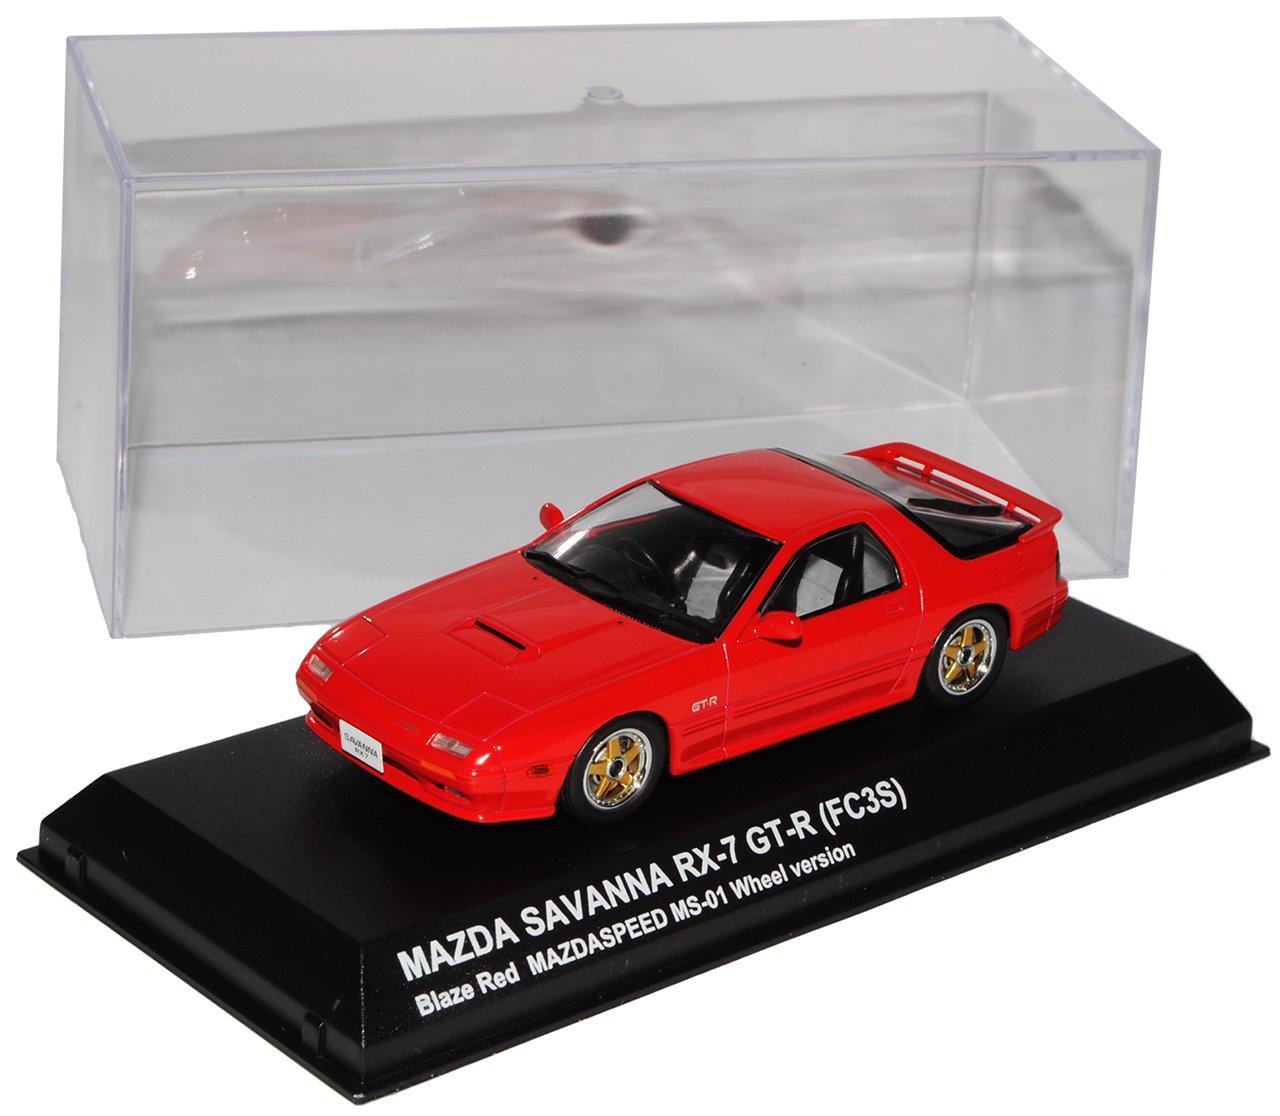 Kyosho Mazda RX-7 GT-R FC3S FC3S FC3S Savanna Rot 3. Generation 1985-1991 1/43 Modell Auto mit individiuellem Wunschkennzeichen f4c94b